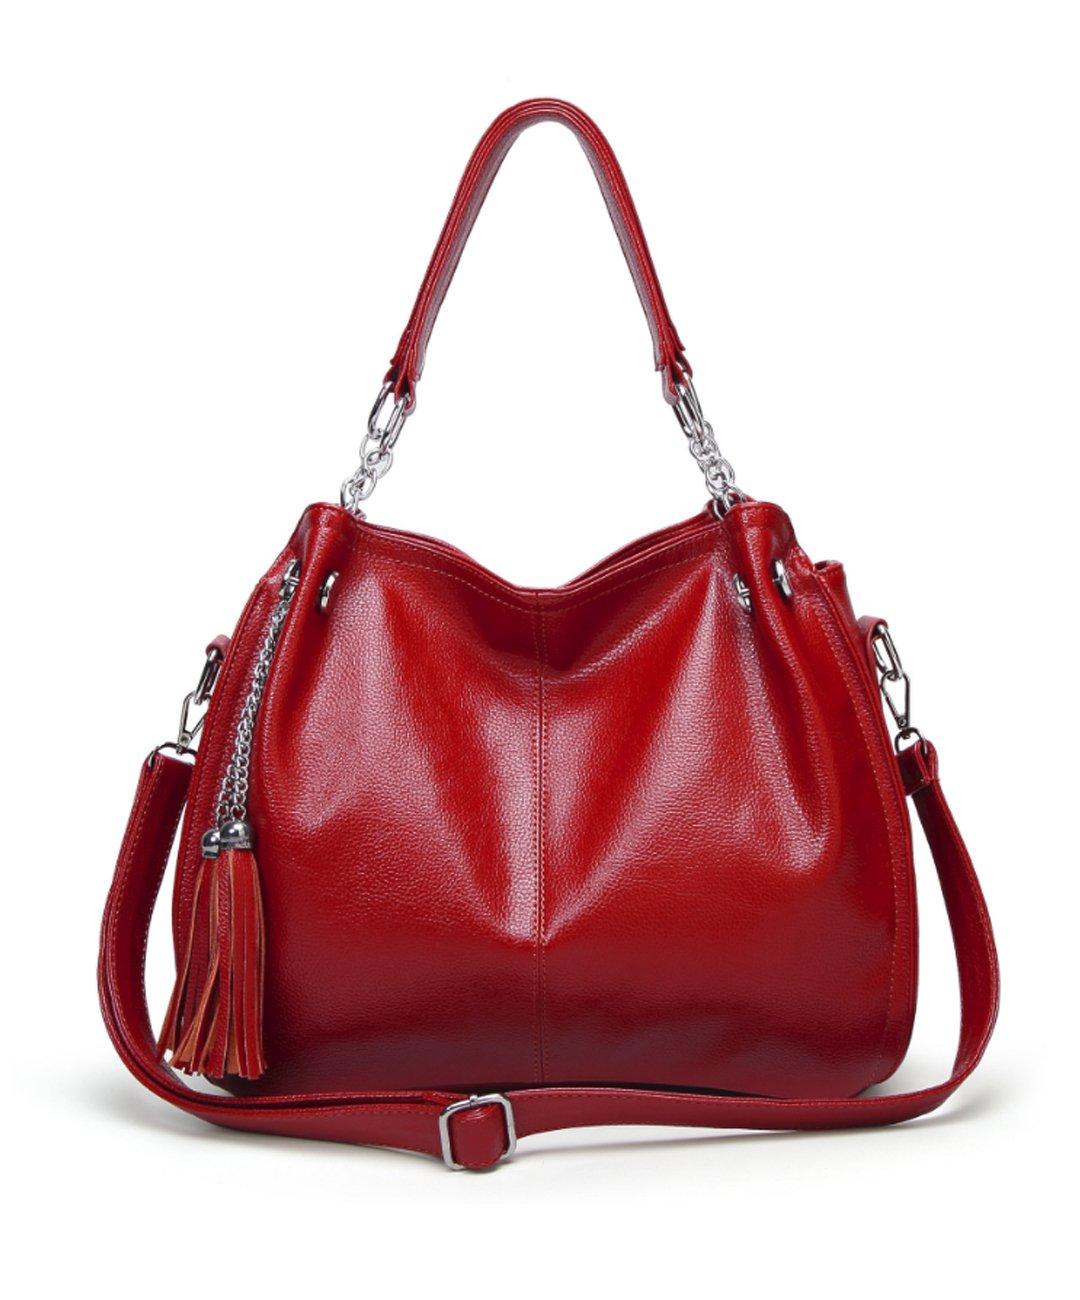 Women's Vintage Fine Fibre Genuine Leather Bag Tote Shoulder Bag Handbag Model RIDE Red Wine